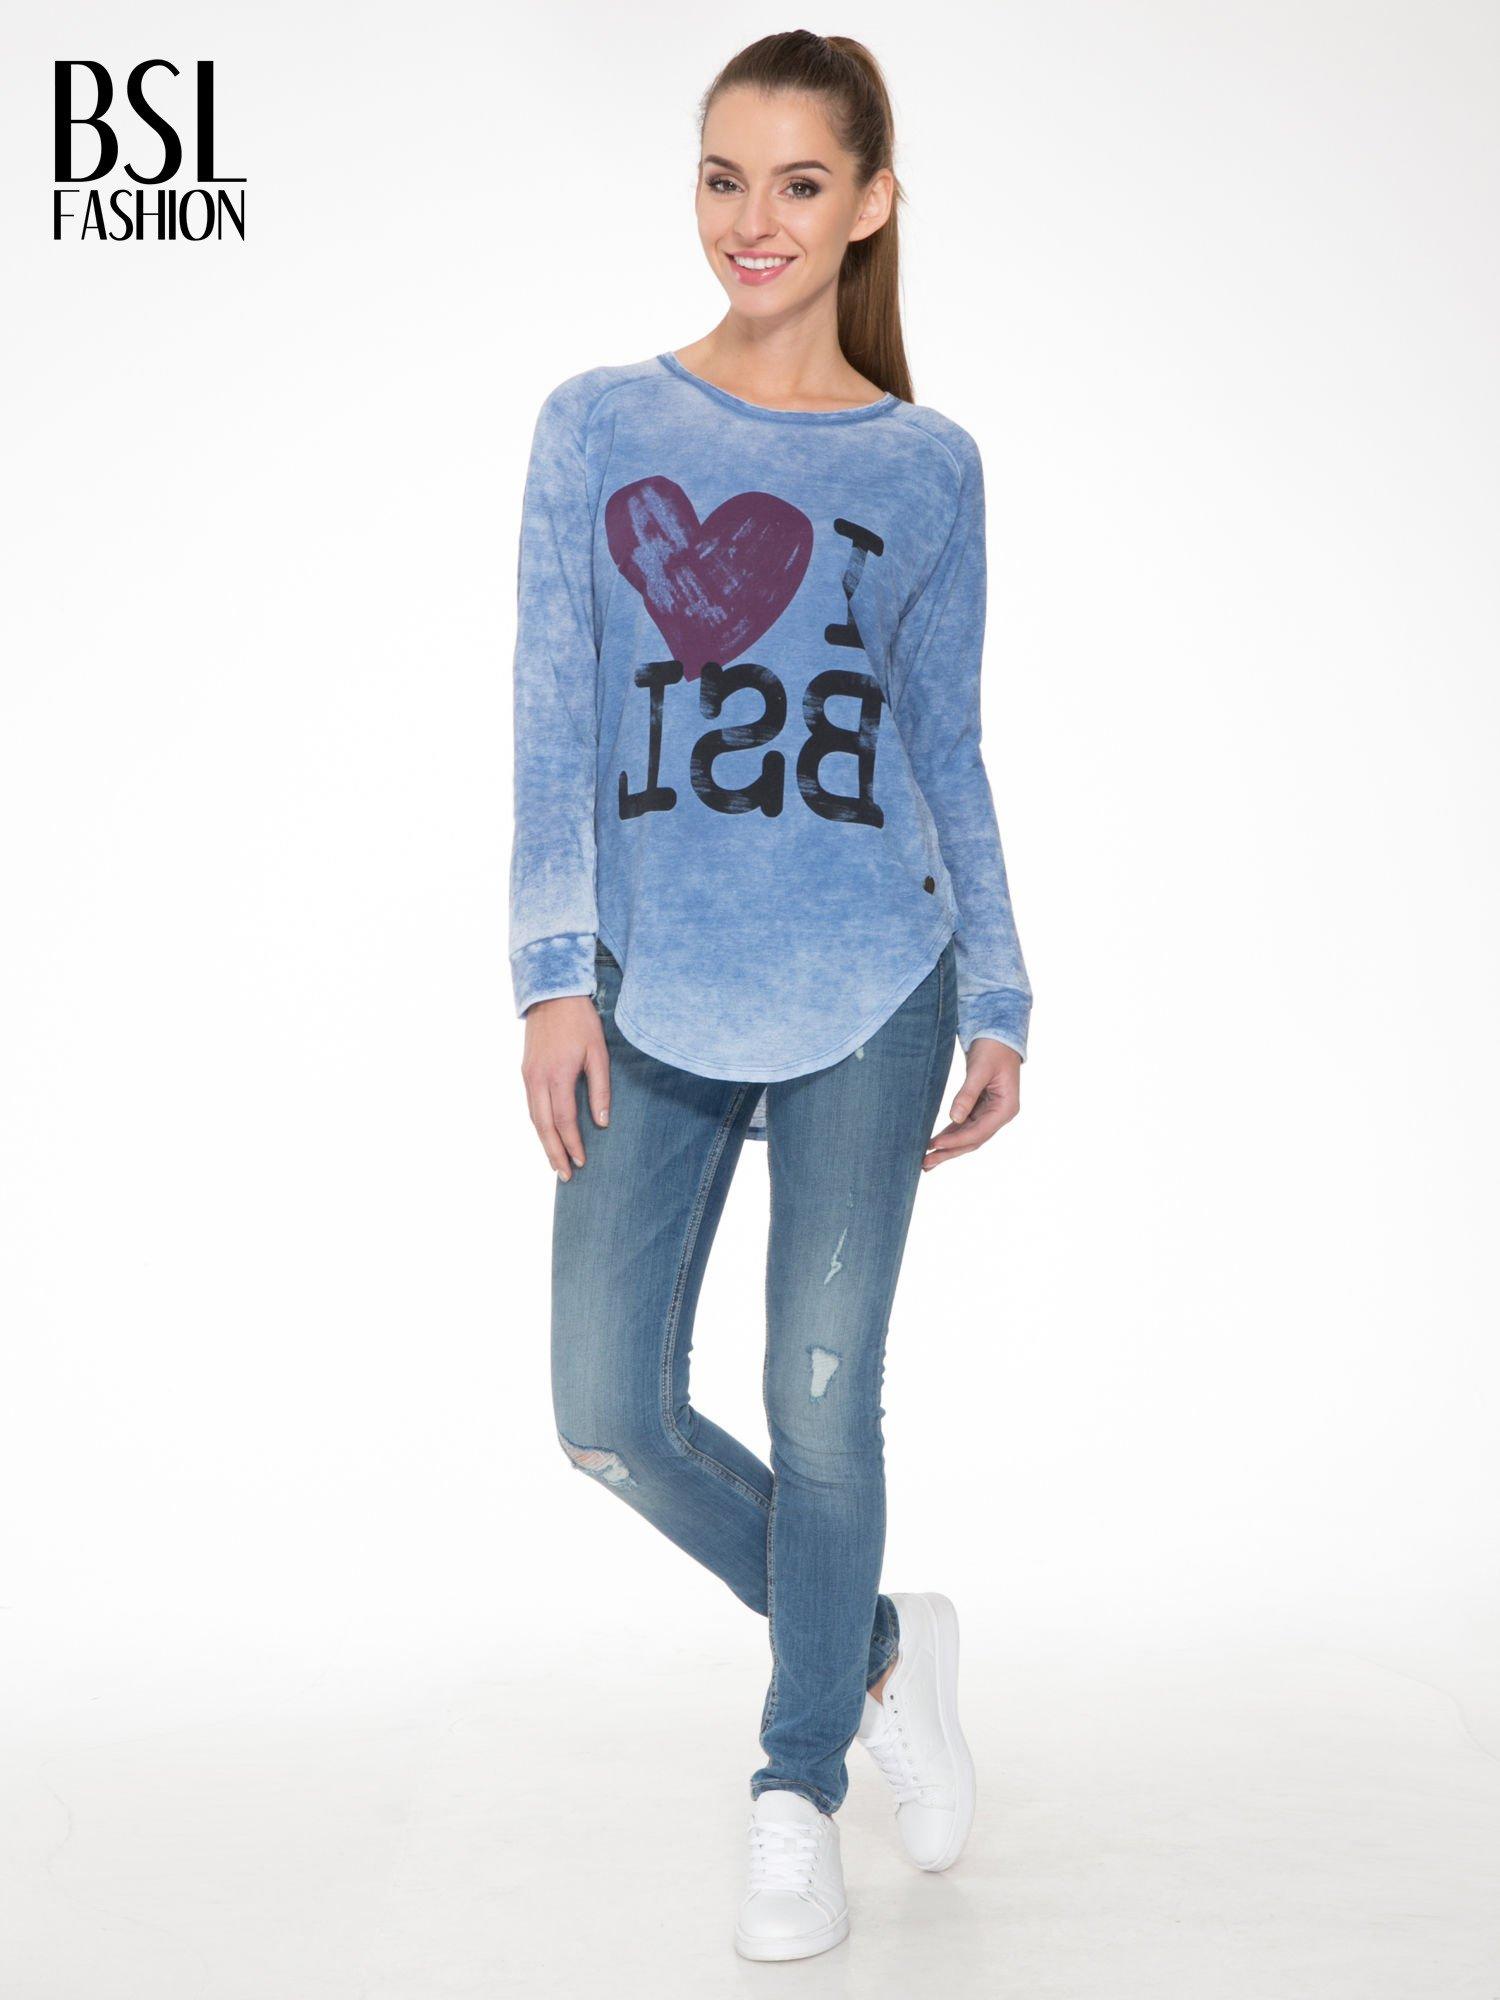 Niebieska bluzka z nadrukiem I LOVE BSL i efektem sprania                                  zdj.                                  2